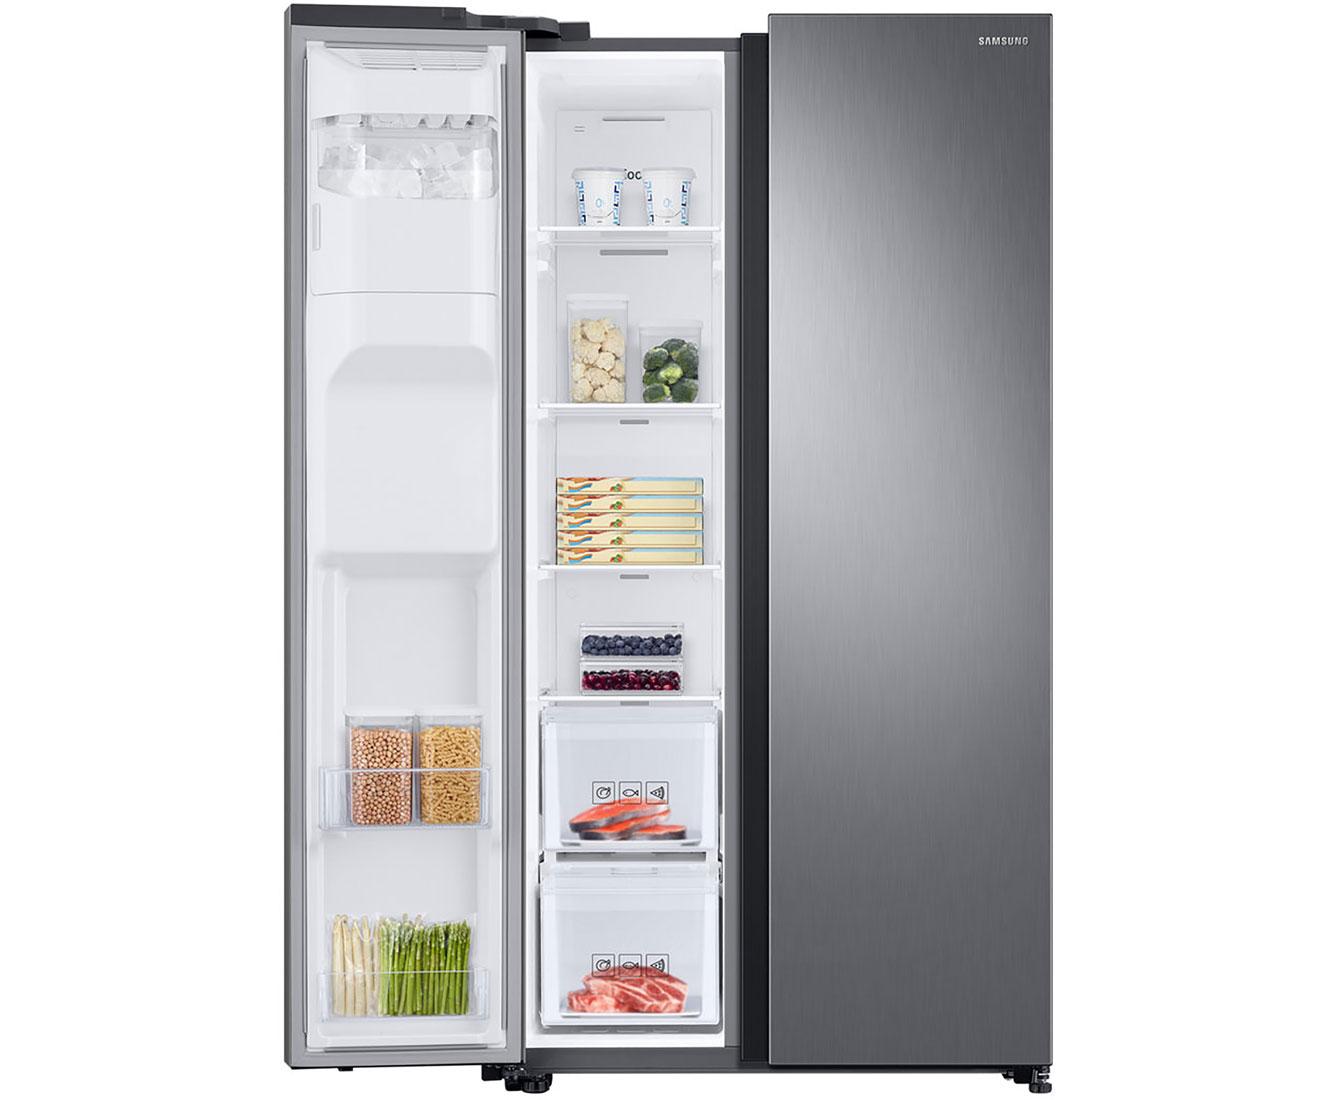 Side By Side Kühlschrank Filter Wechseln : Samsung kühlschrank wasserleitung reinigen so nehmen sie einen